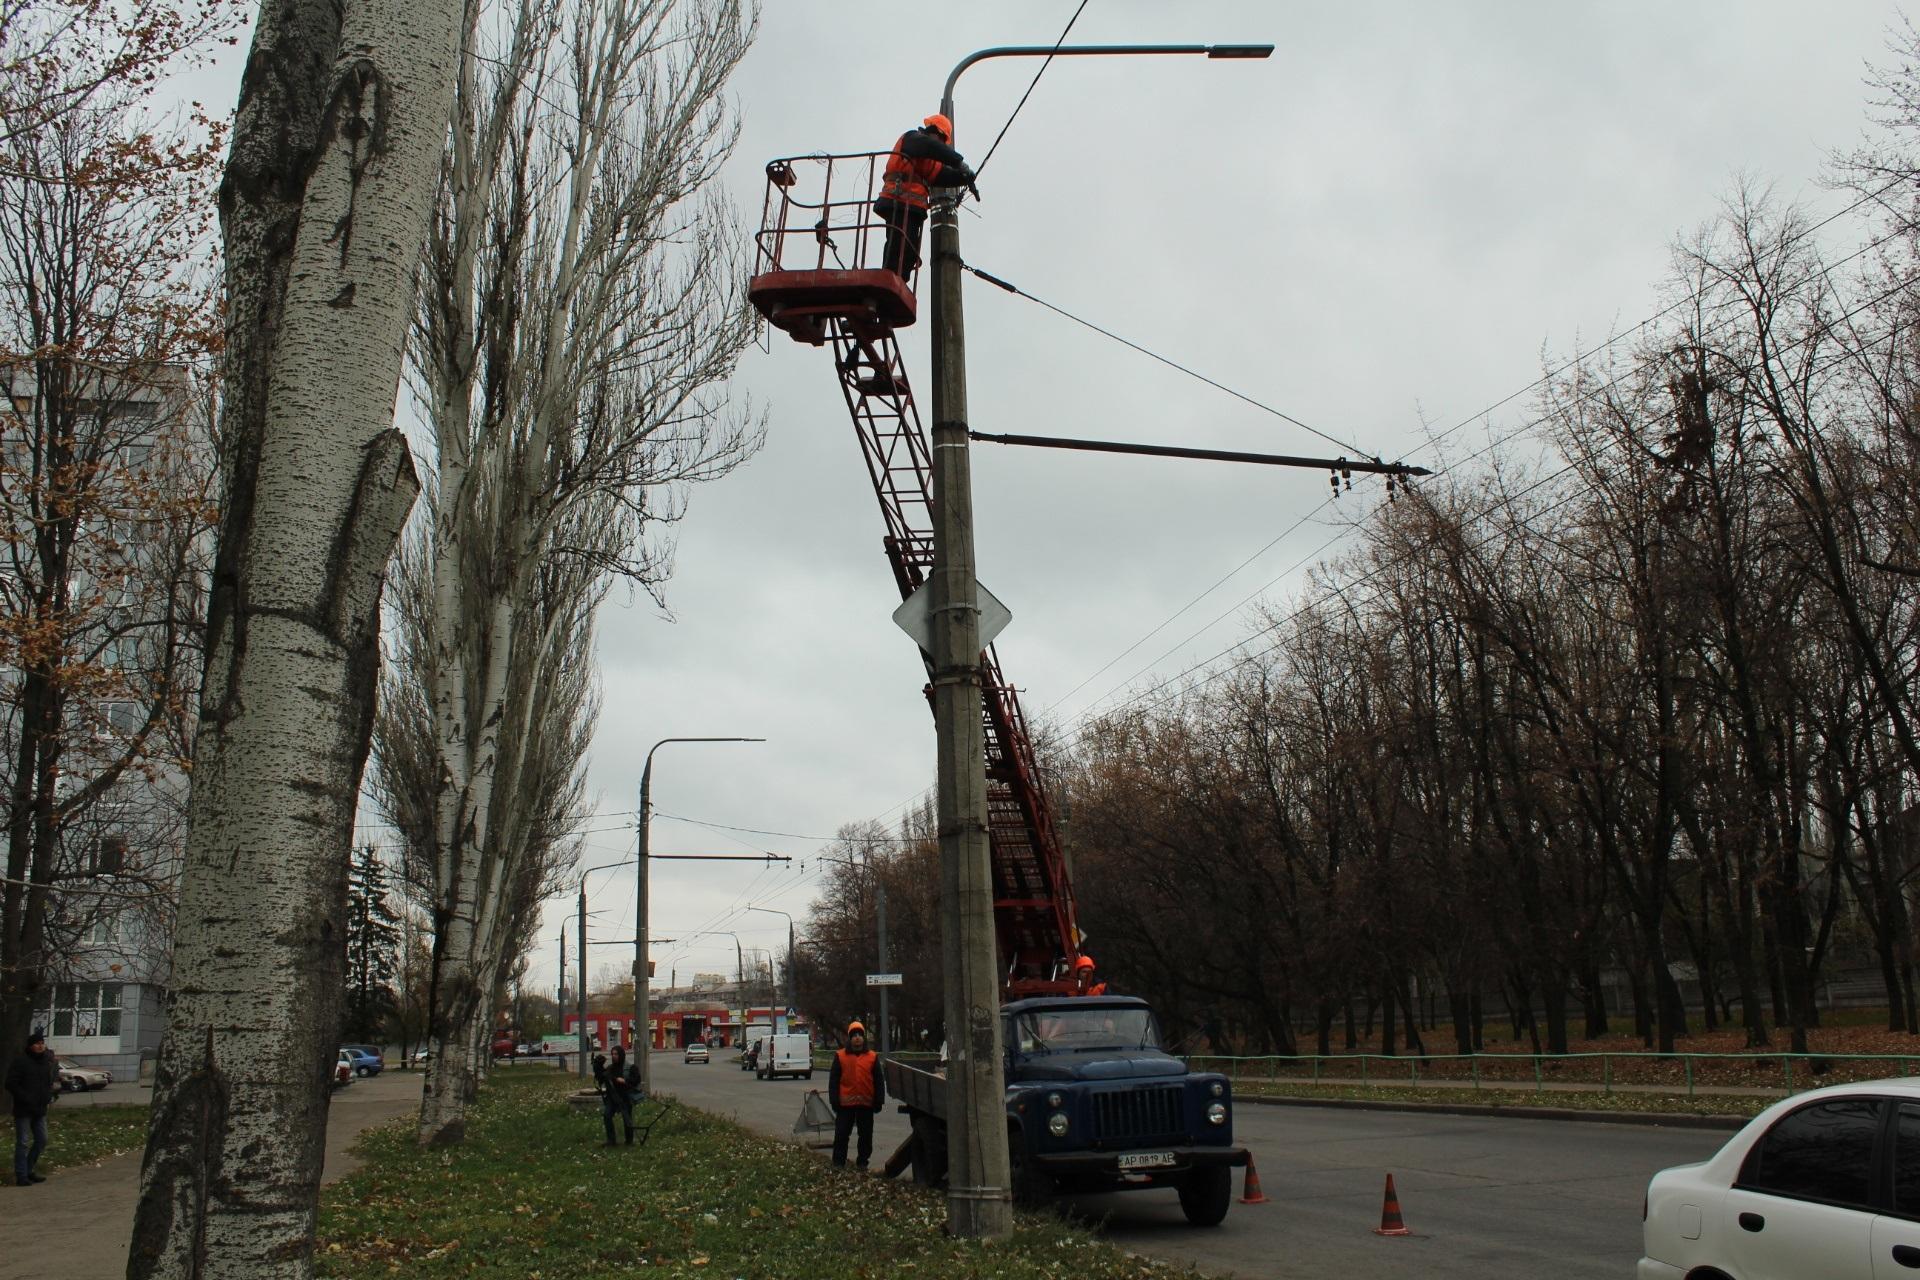 Сьогодні по вулиці Дніпровське шосе встановили нові енергоефективні світильники